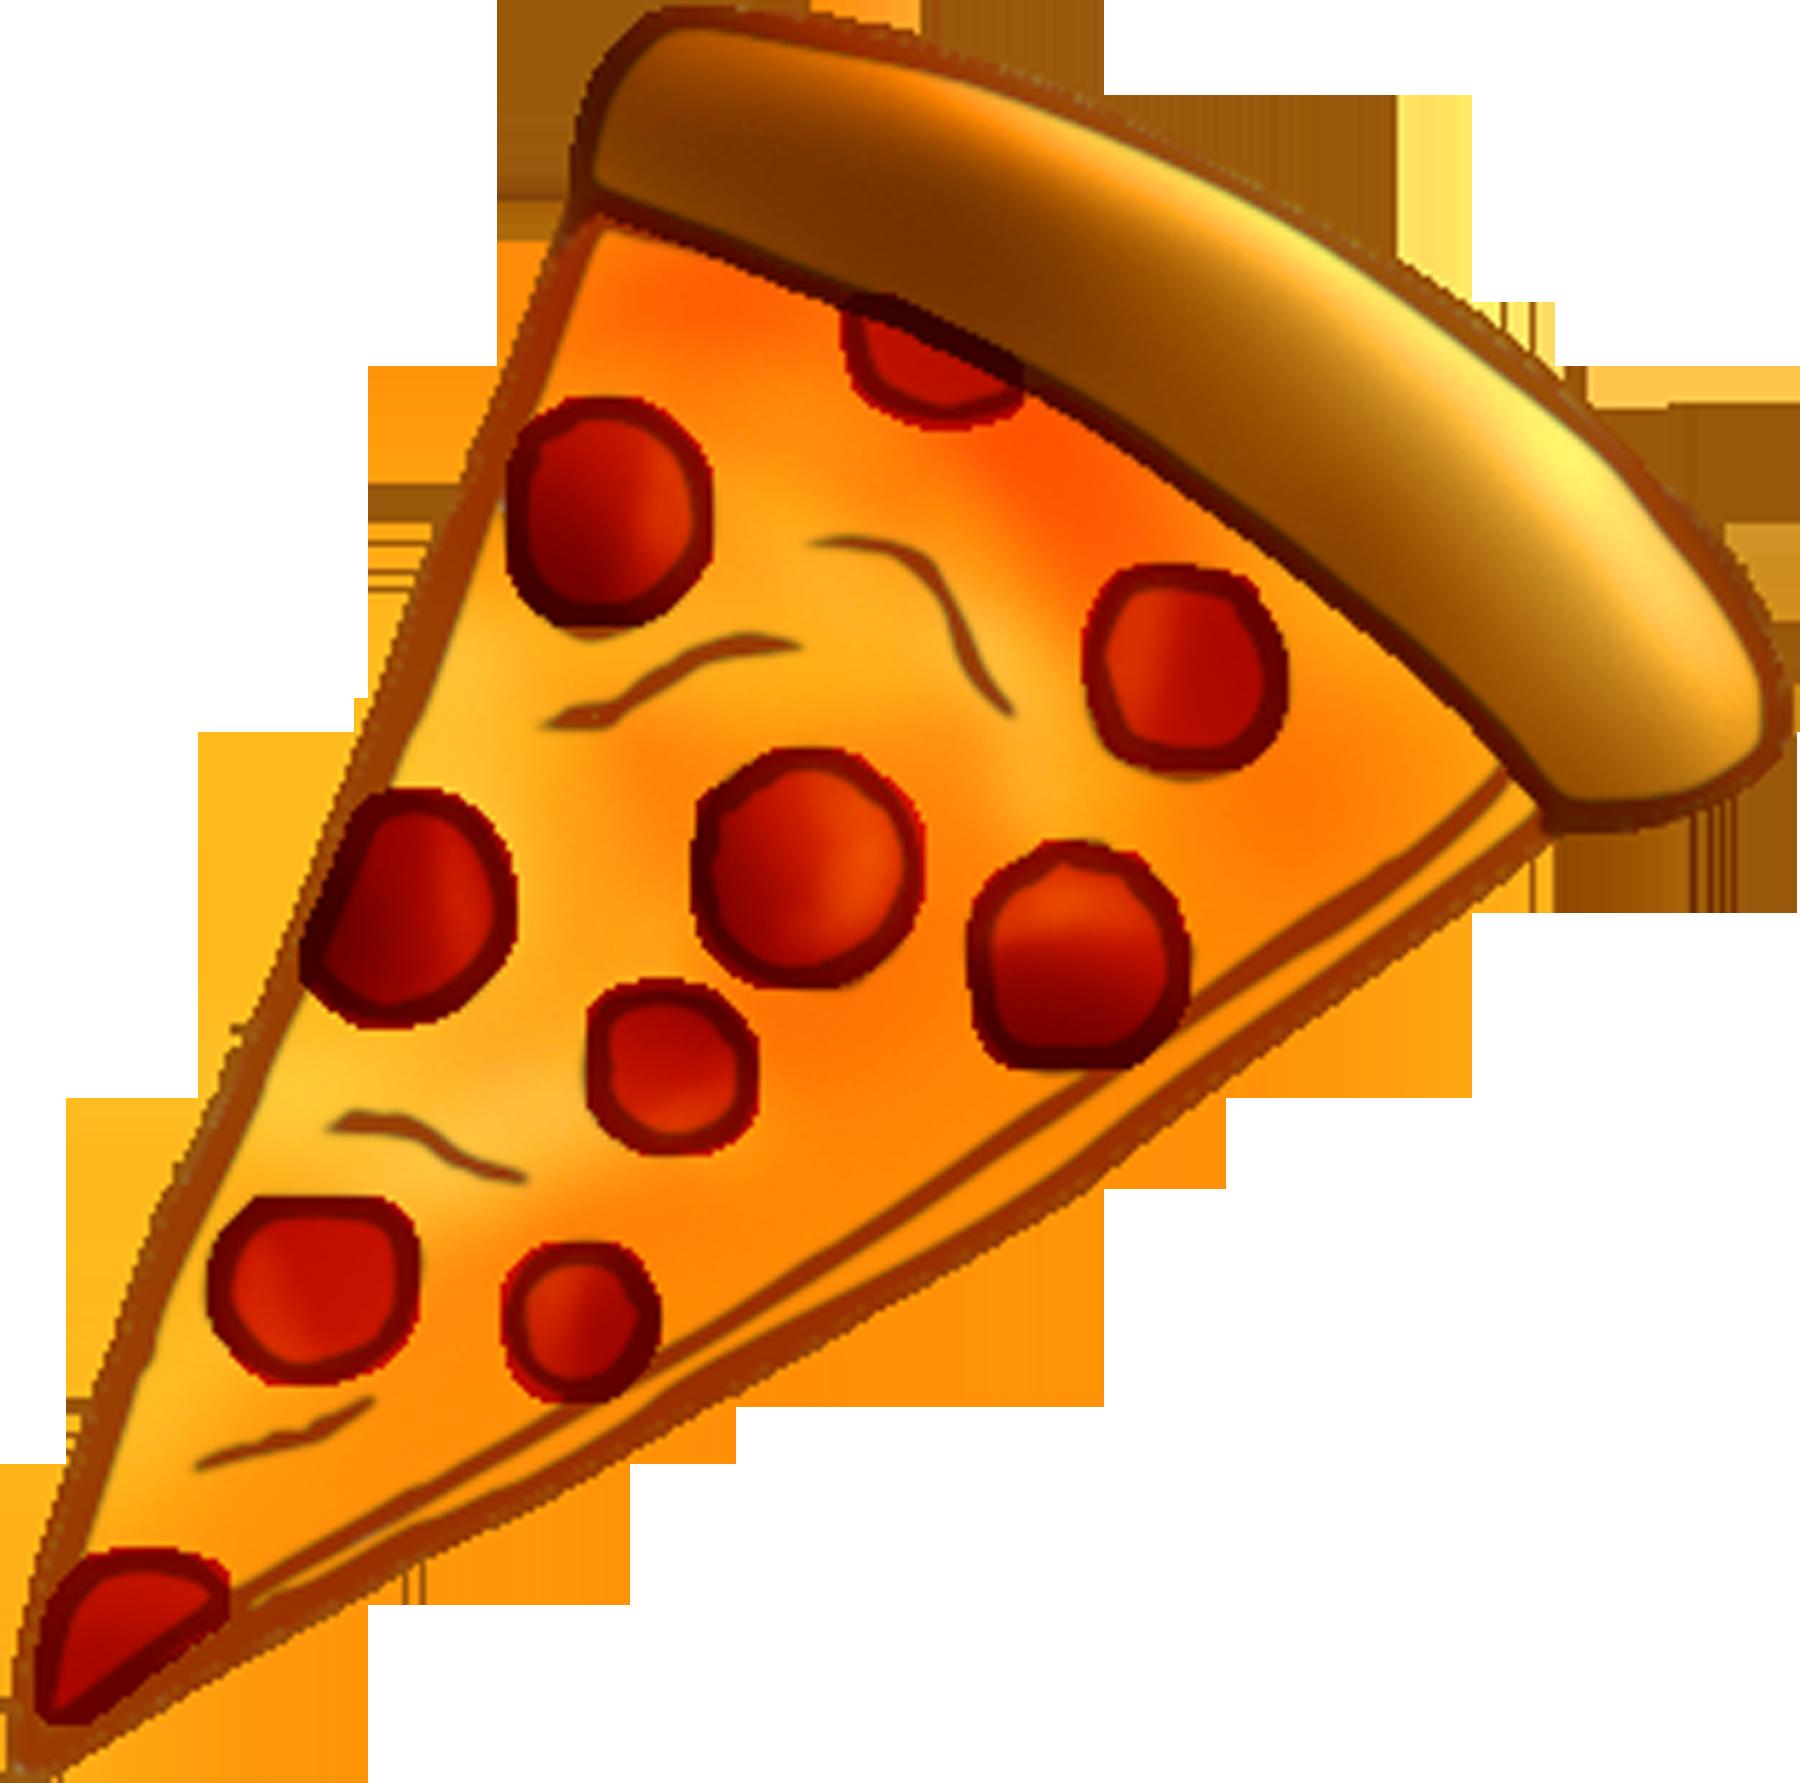 Pizza slice clip art free .